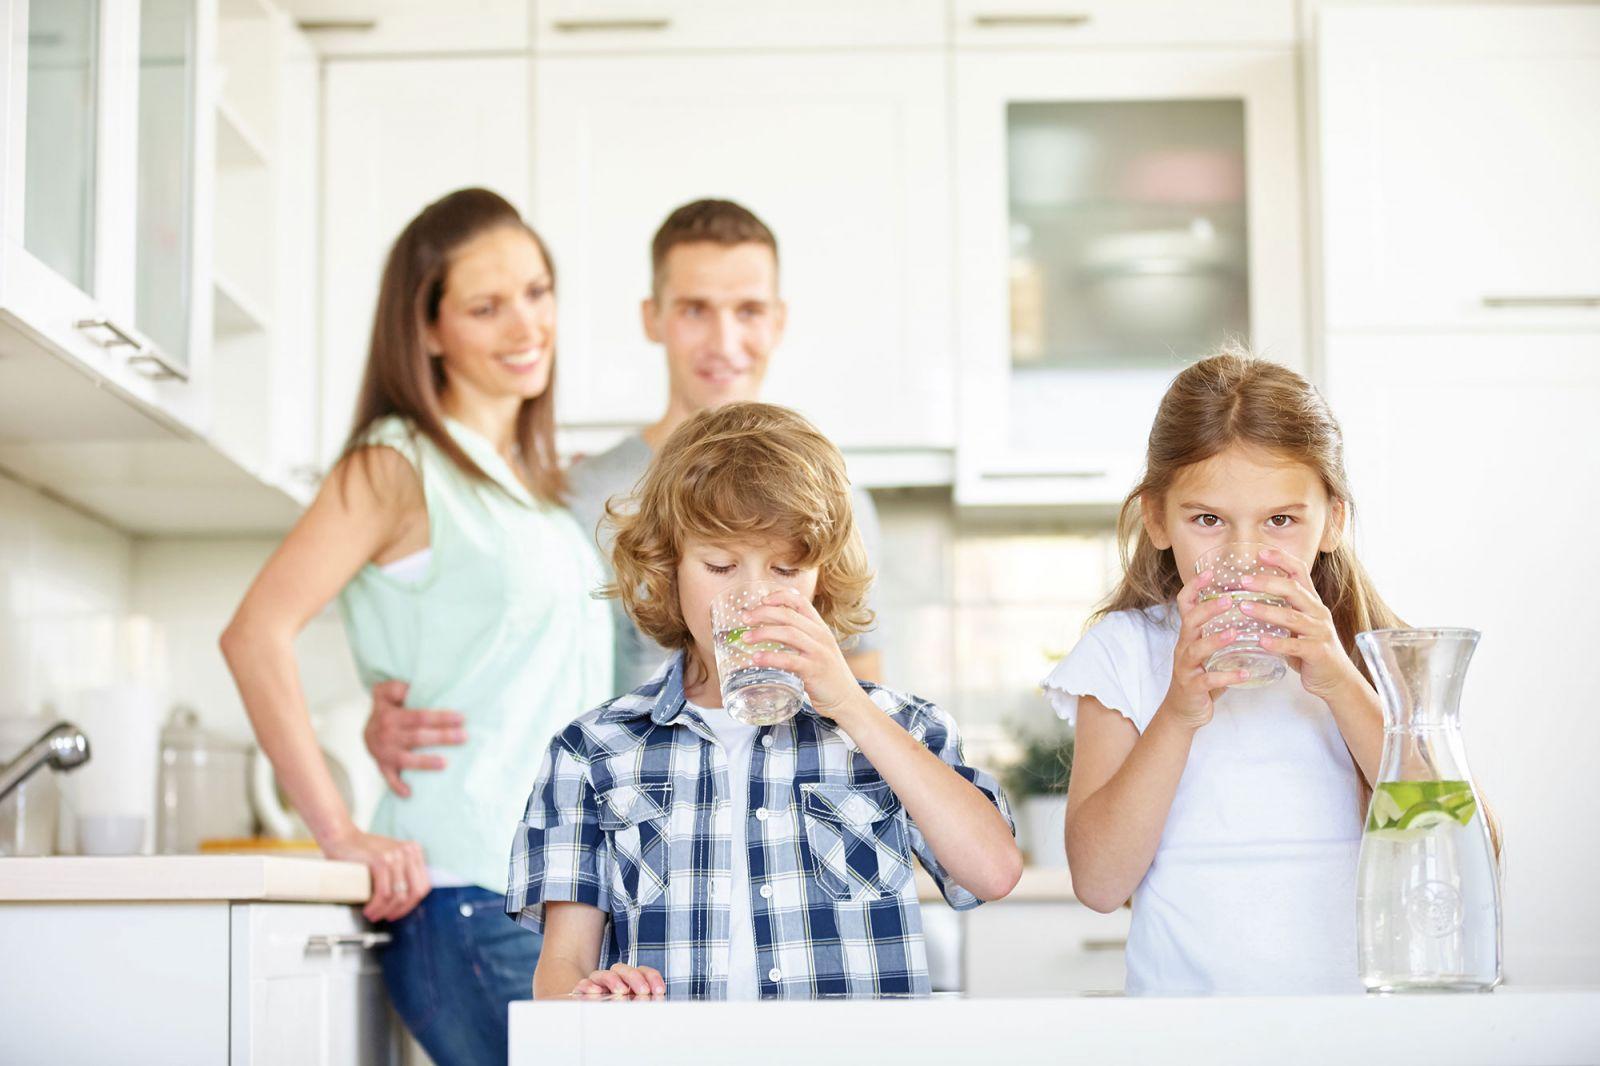 Bạn có biết nước uống gia đình quan trọng như thế nào?